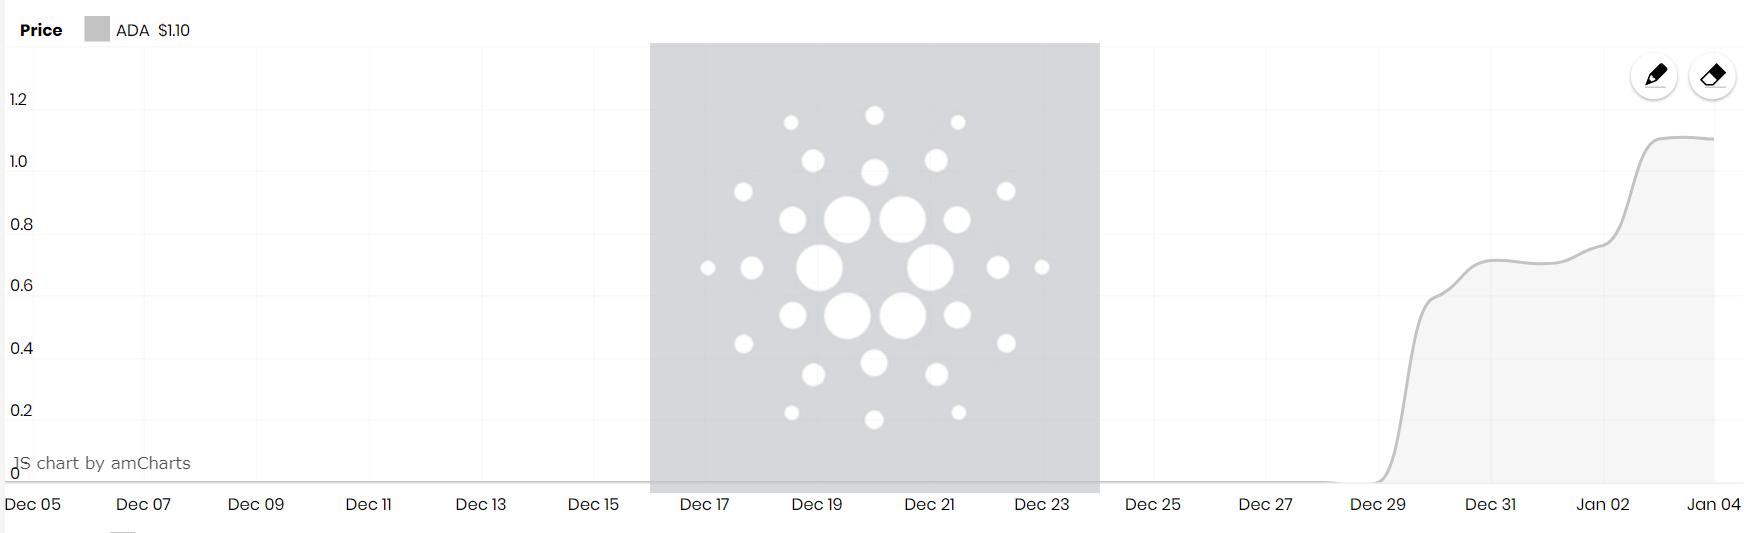 ADA chart; Source: CryptoEN.com